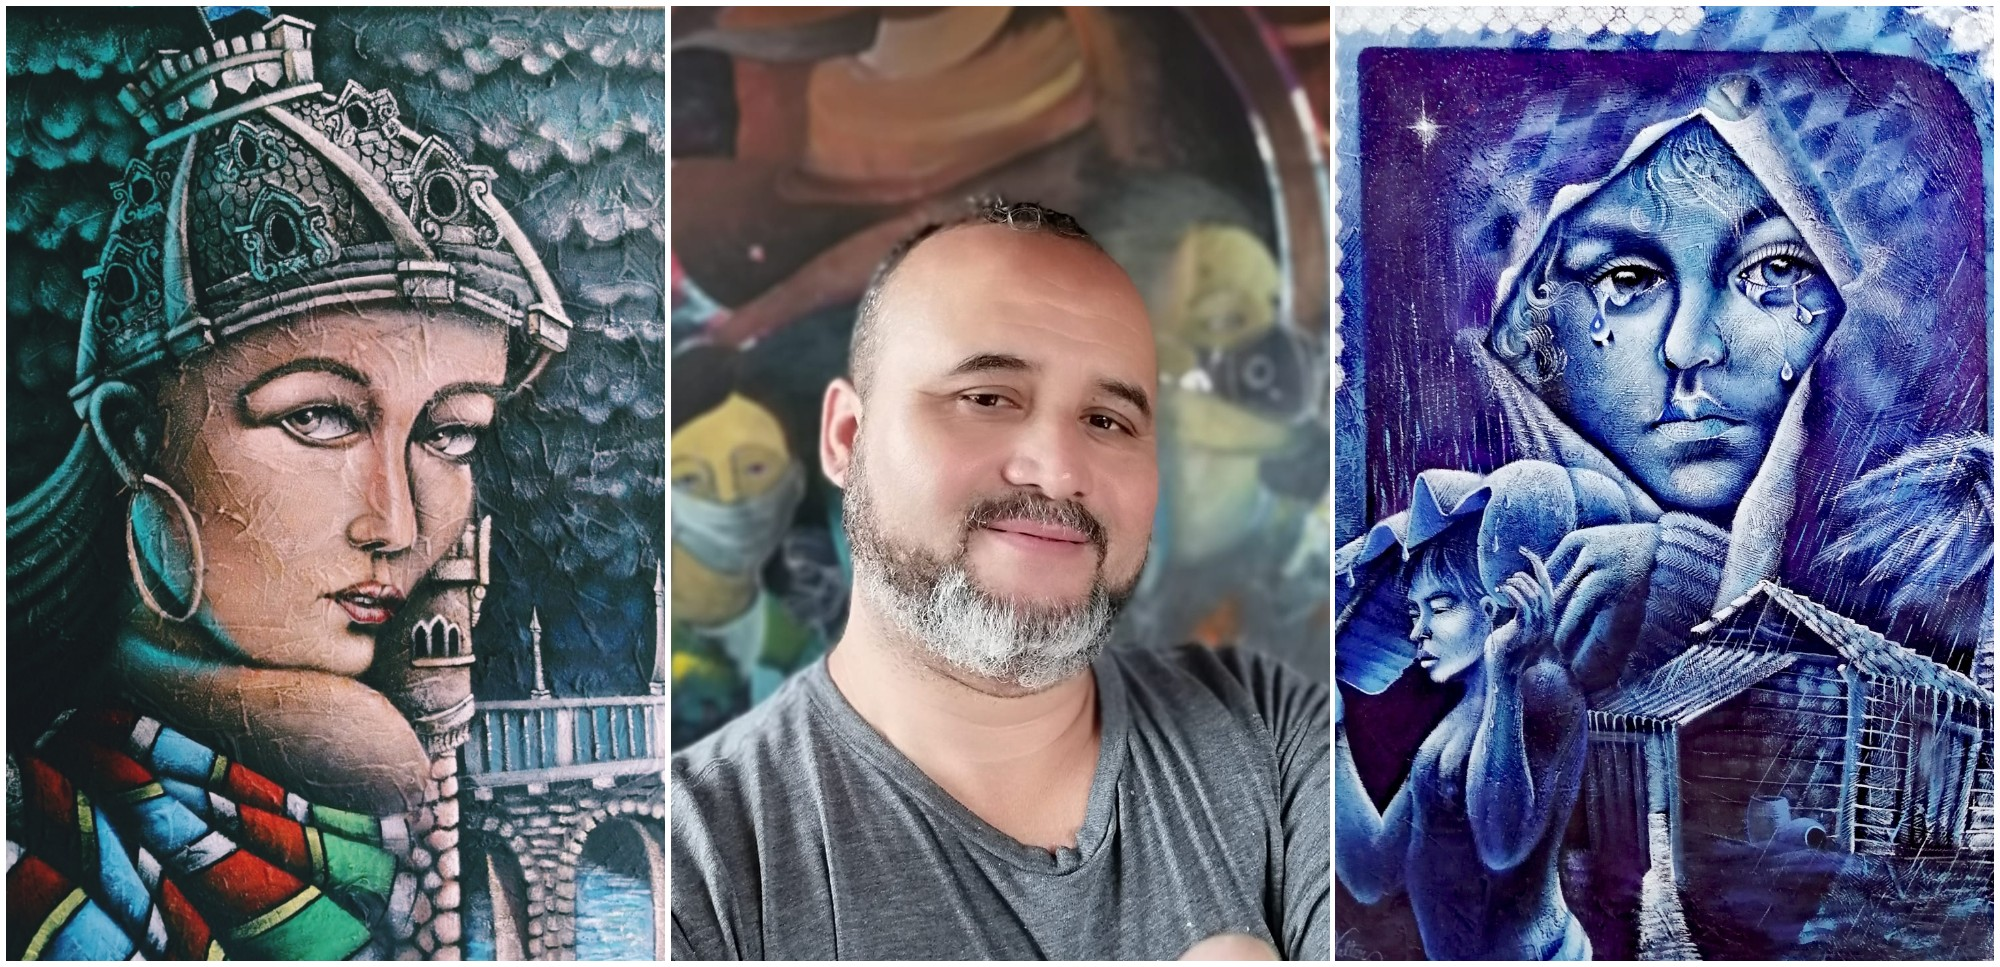 Walter López, artista hondureño destaca por su impresionismo mágico